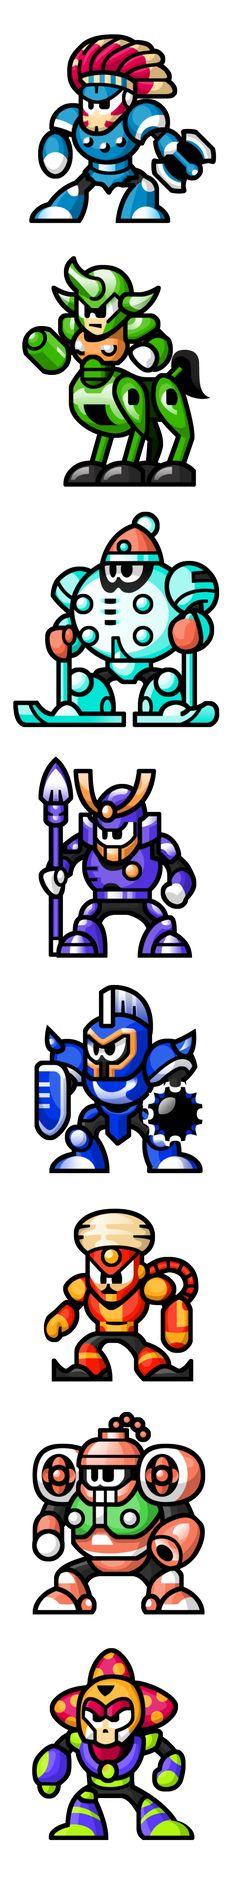 MegaMan 'Sprites'-Bosses of 6 by WaneBlade.deviantart.com on @DeviantArt